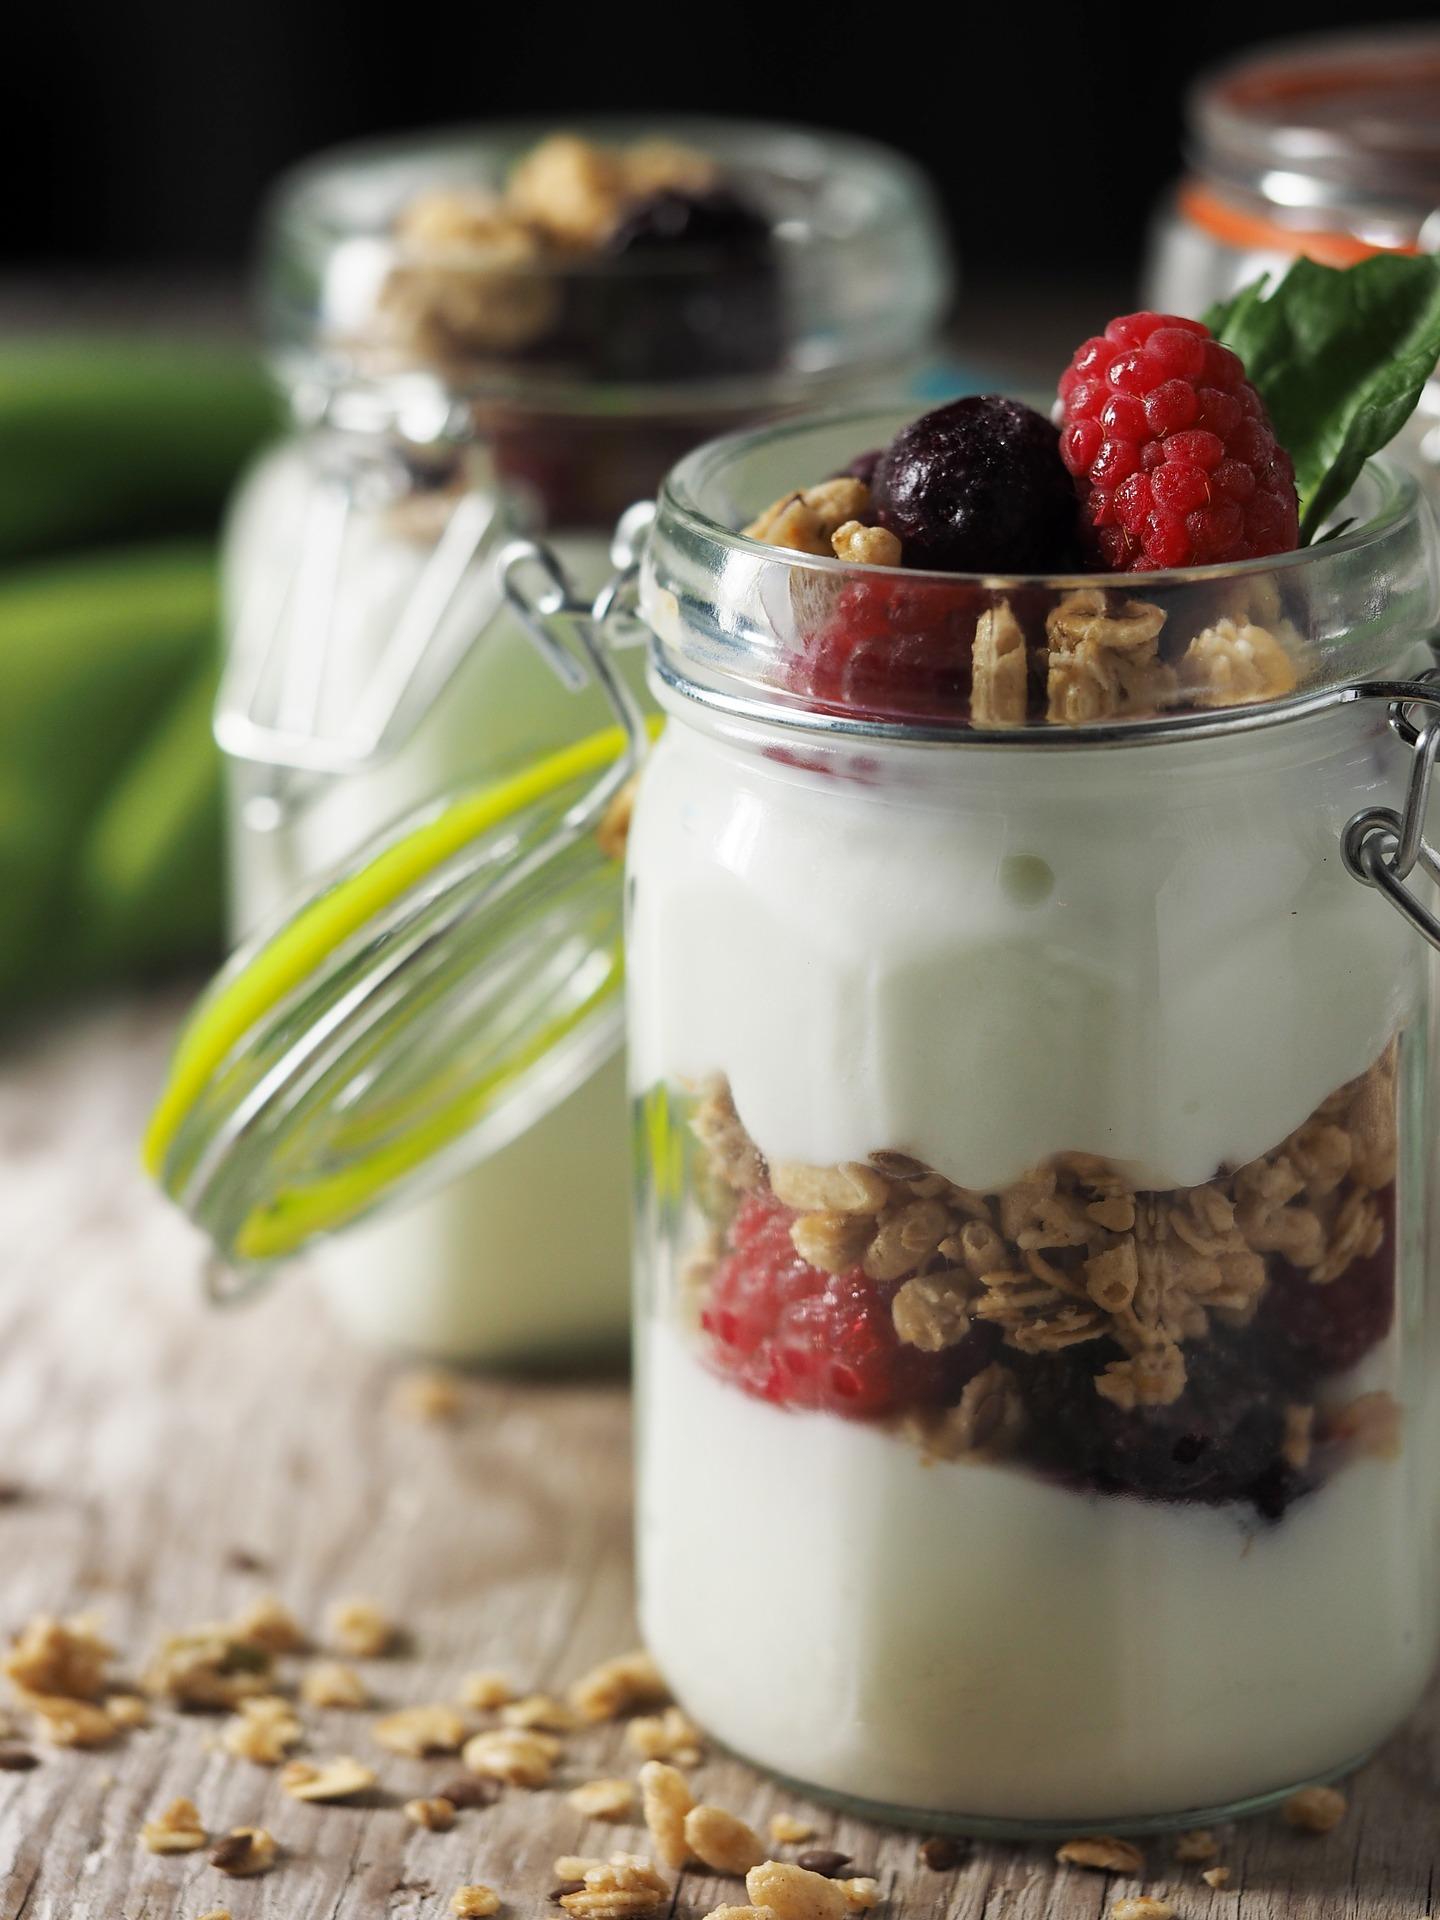 yogurt-1081135_1920.jpg